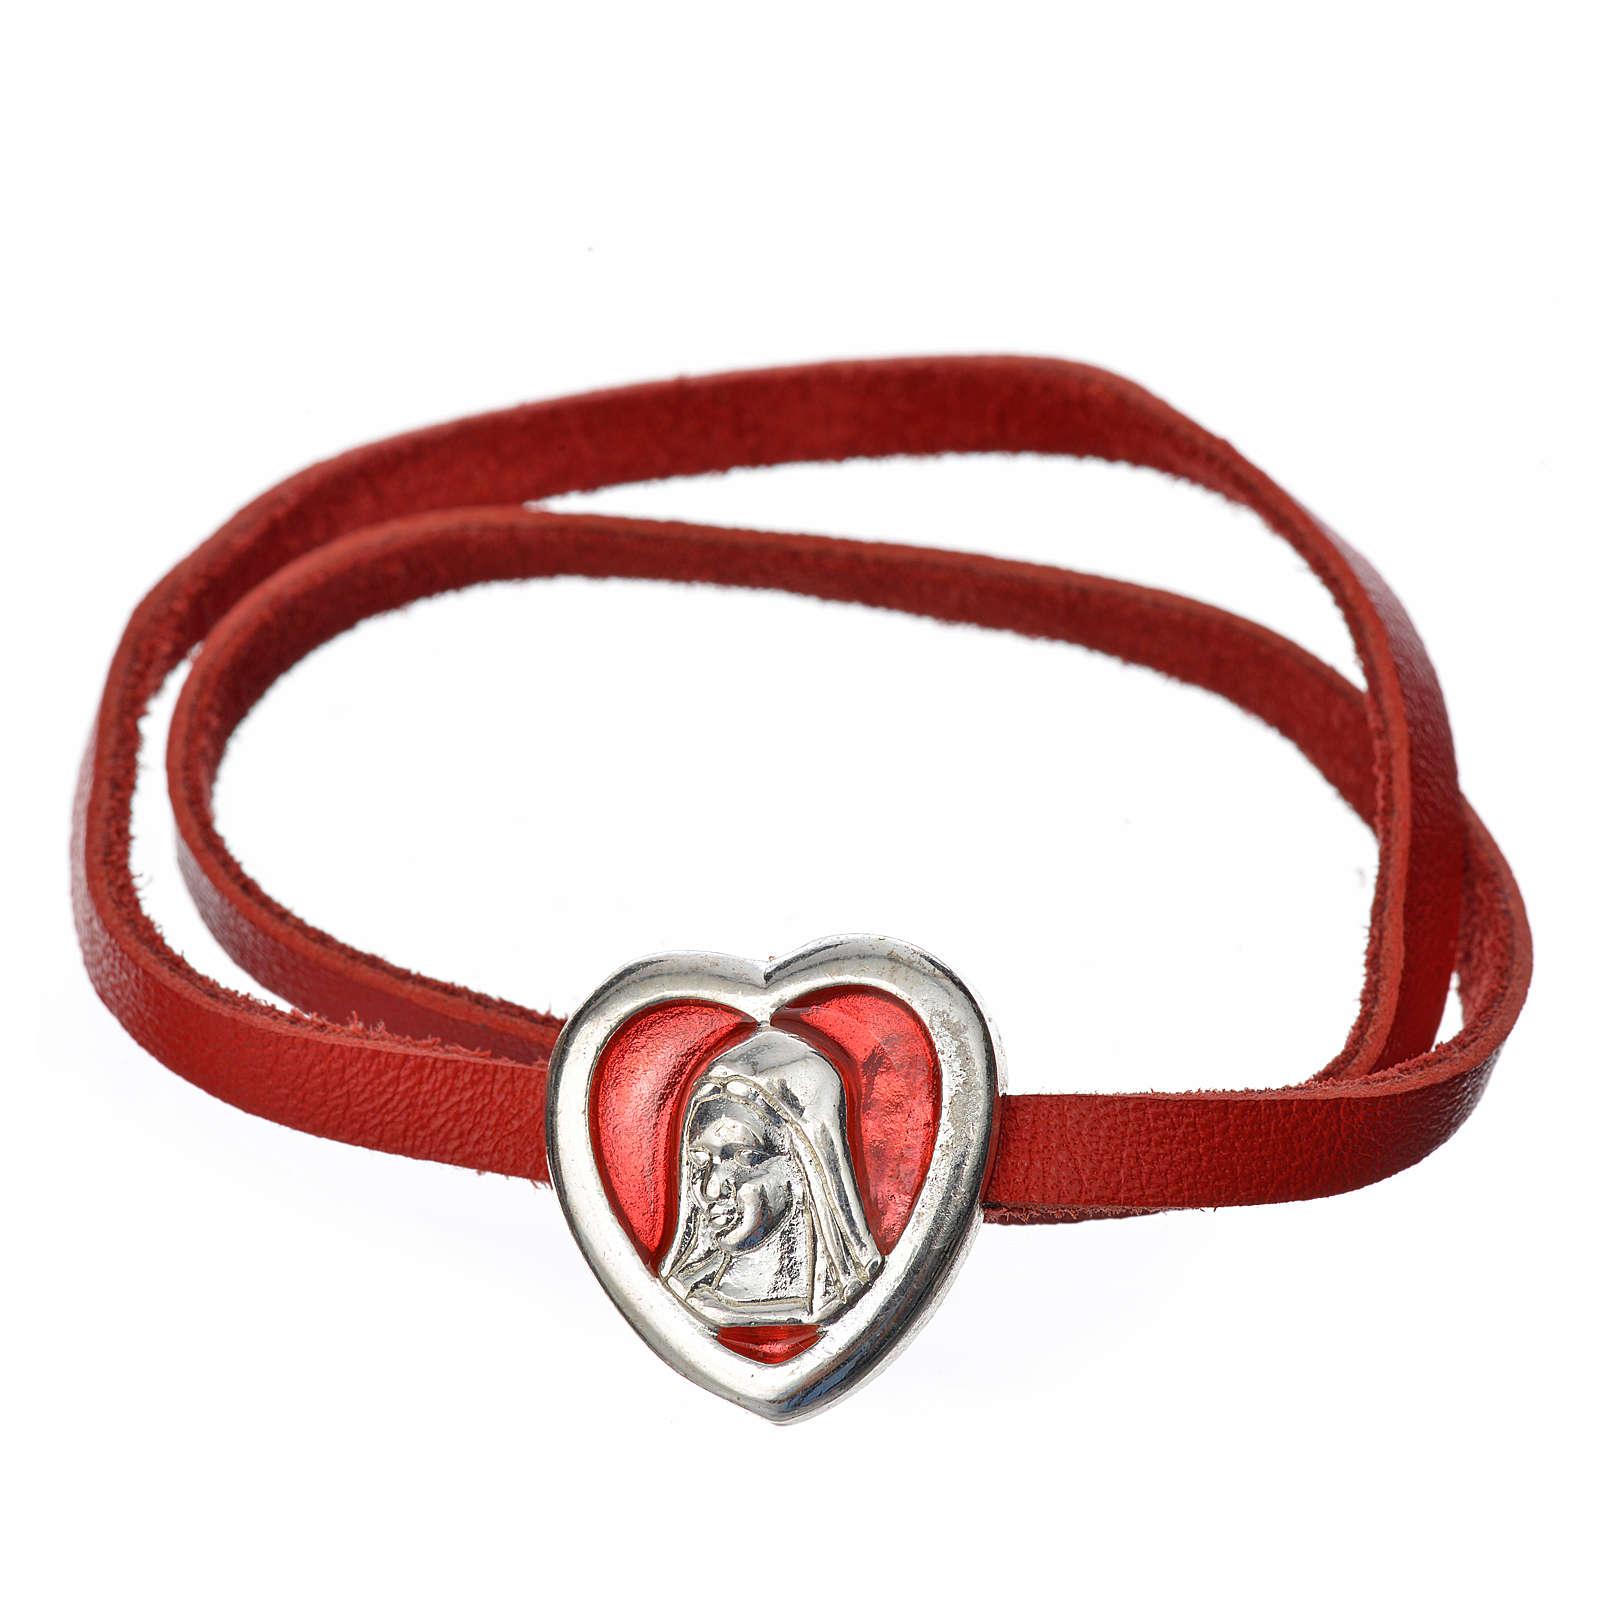 Gargantilha couro vermelho placa Virgem 4